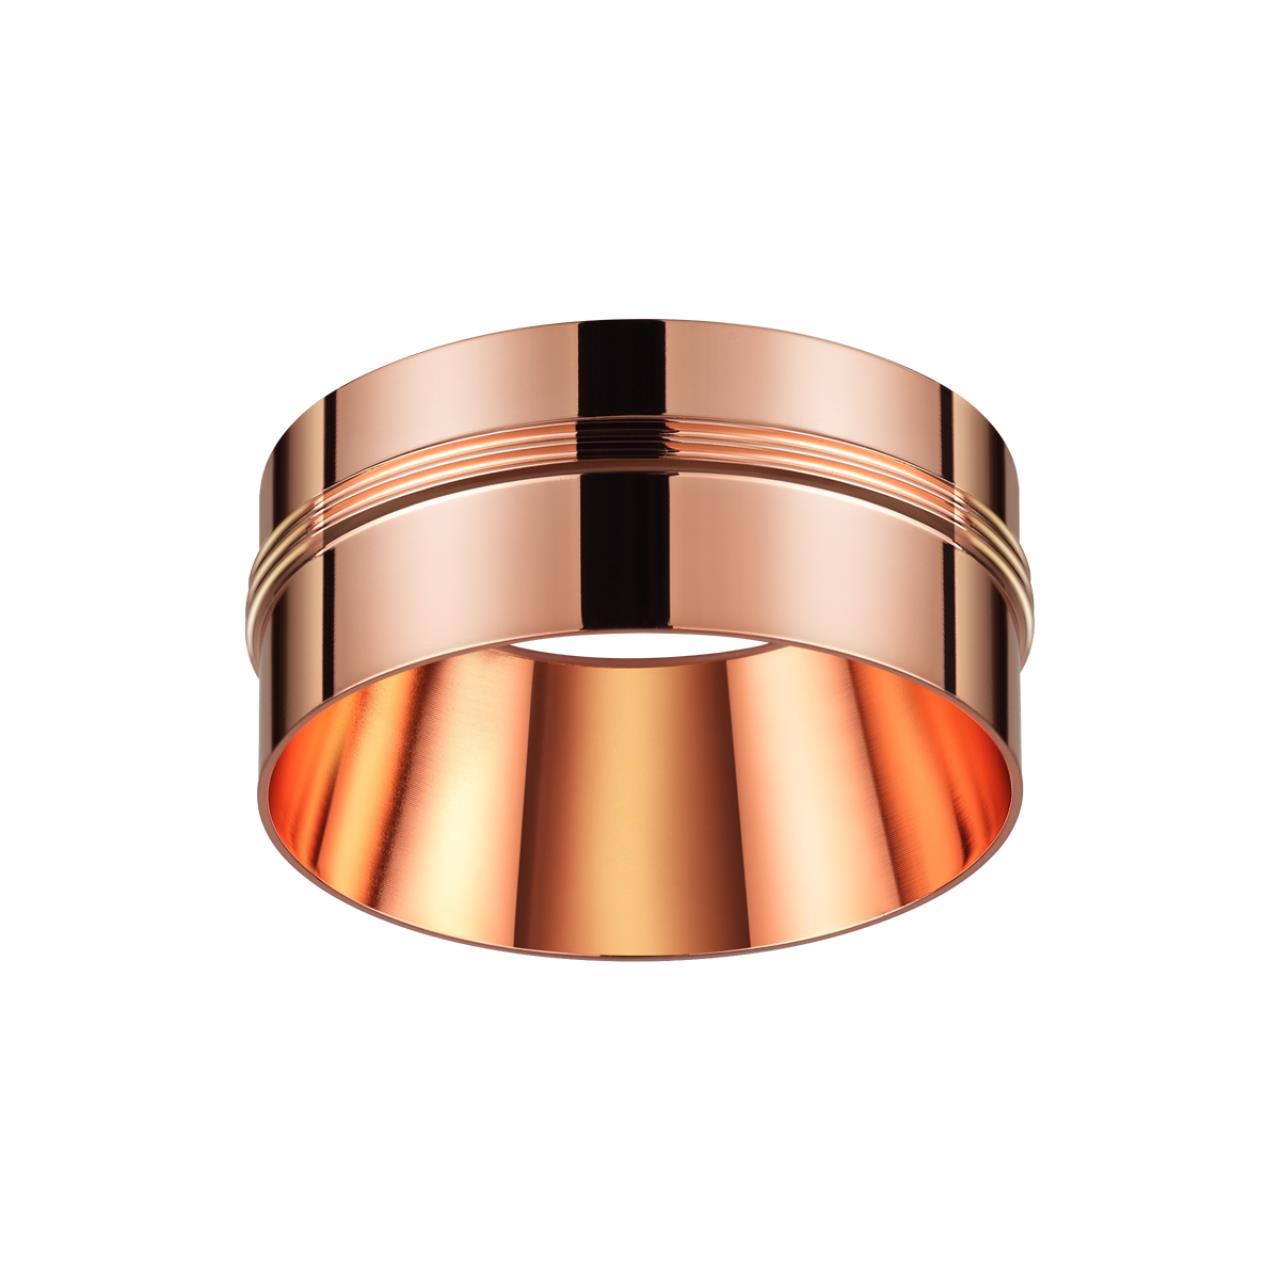 370528 KONST NT19 028 медь Декоративное кольцо к артикулам 370517 - 370523 UNITE